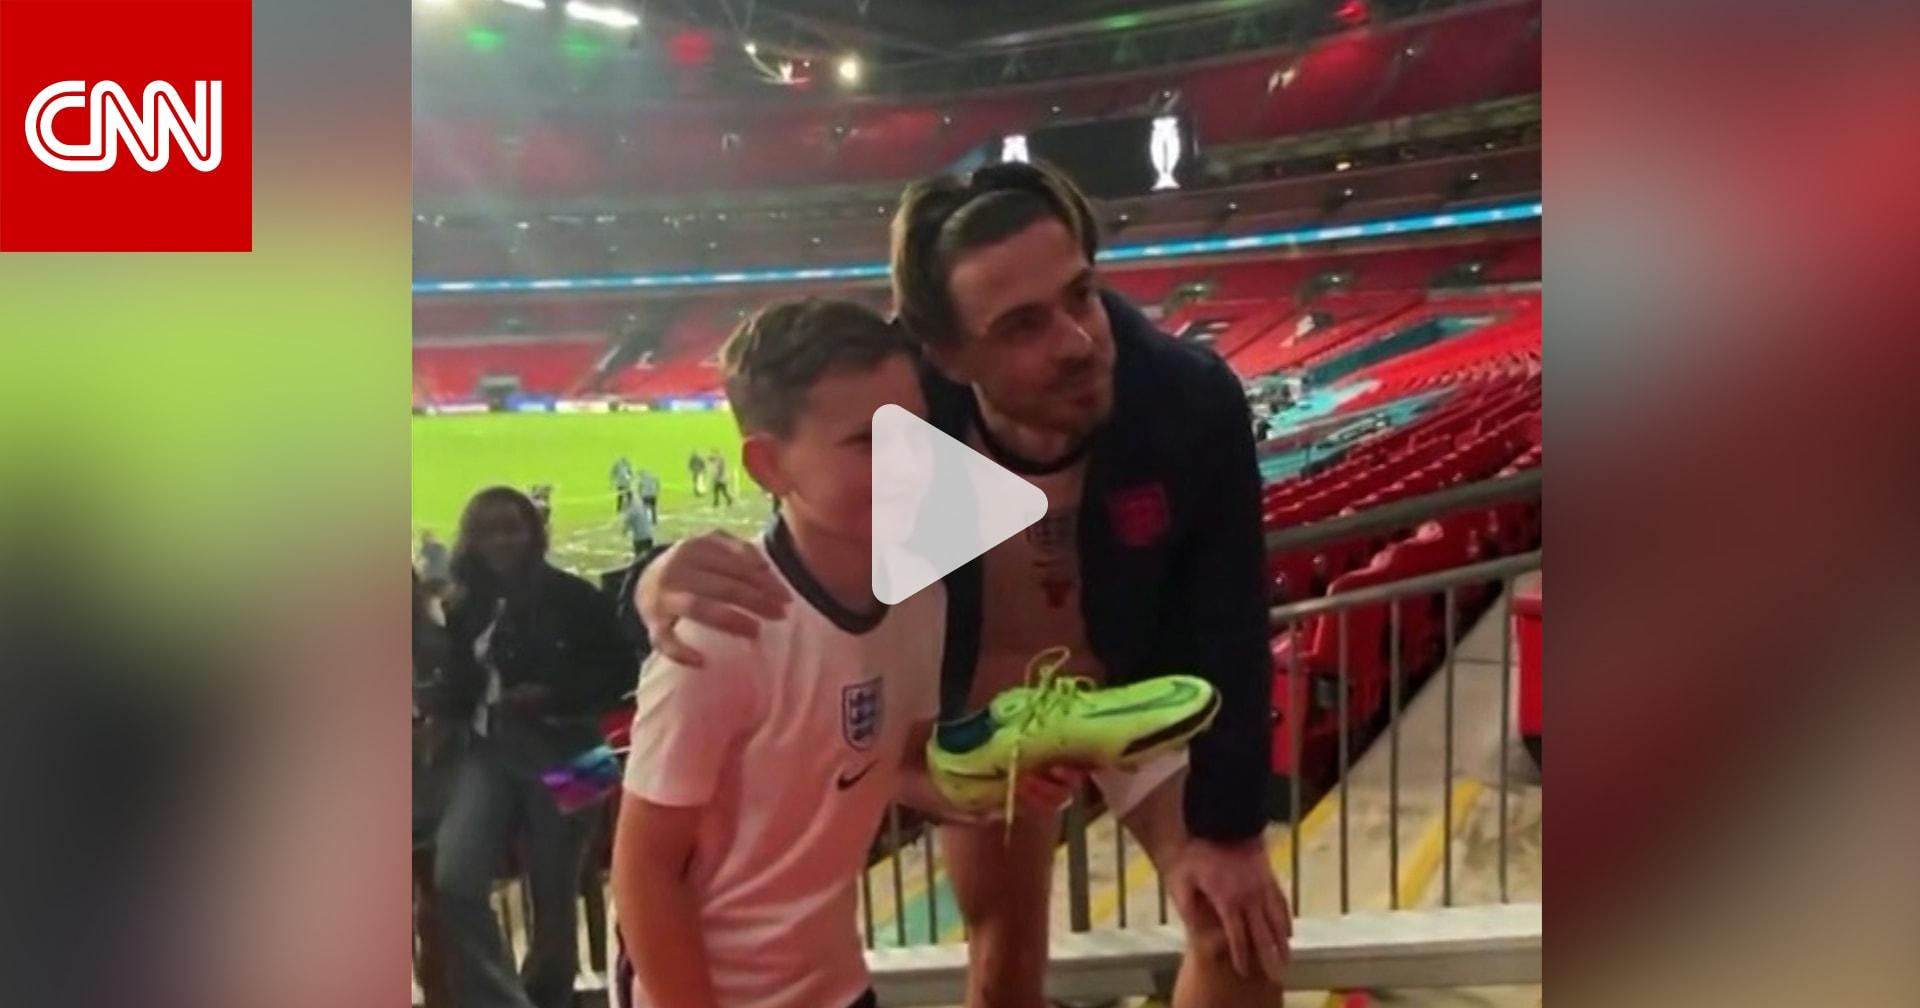 تصرف غريليش مع مشجع إنجليزي صغير يلقى رواجًا على الإنترنت.. شاهد كيف تعامل معه